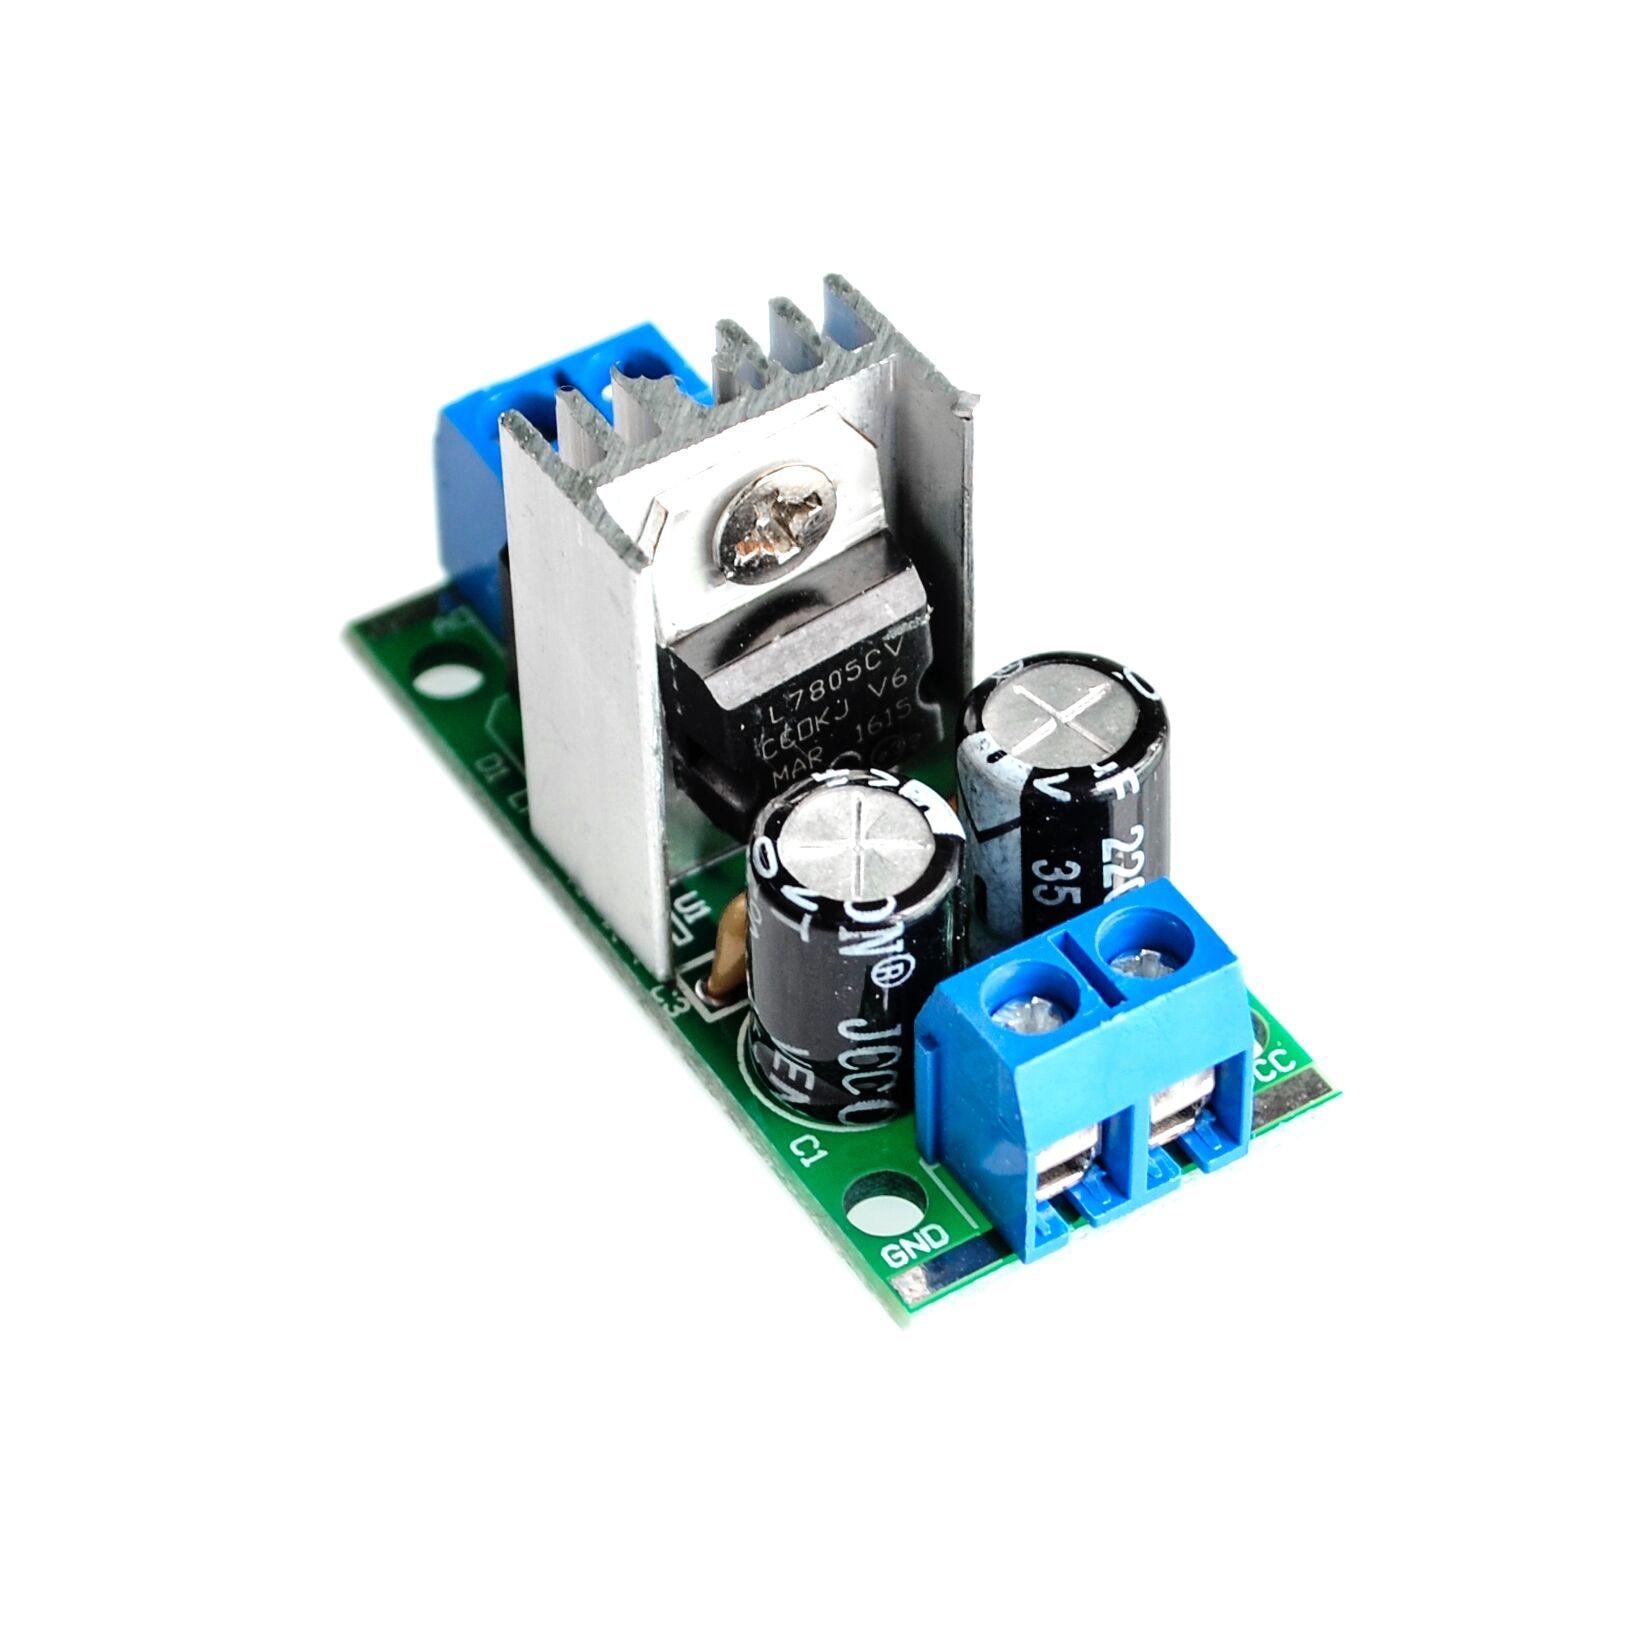 Active Bandpass Filter Circuit Further 7805 Voltage Regulator Circuit